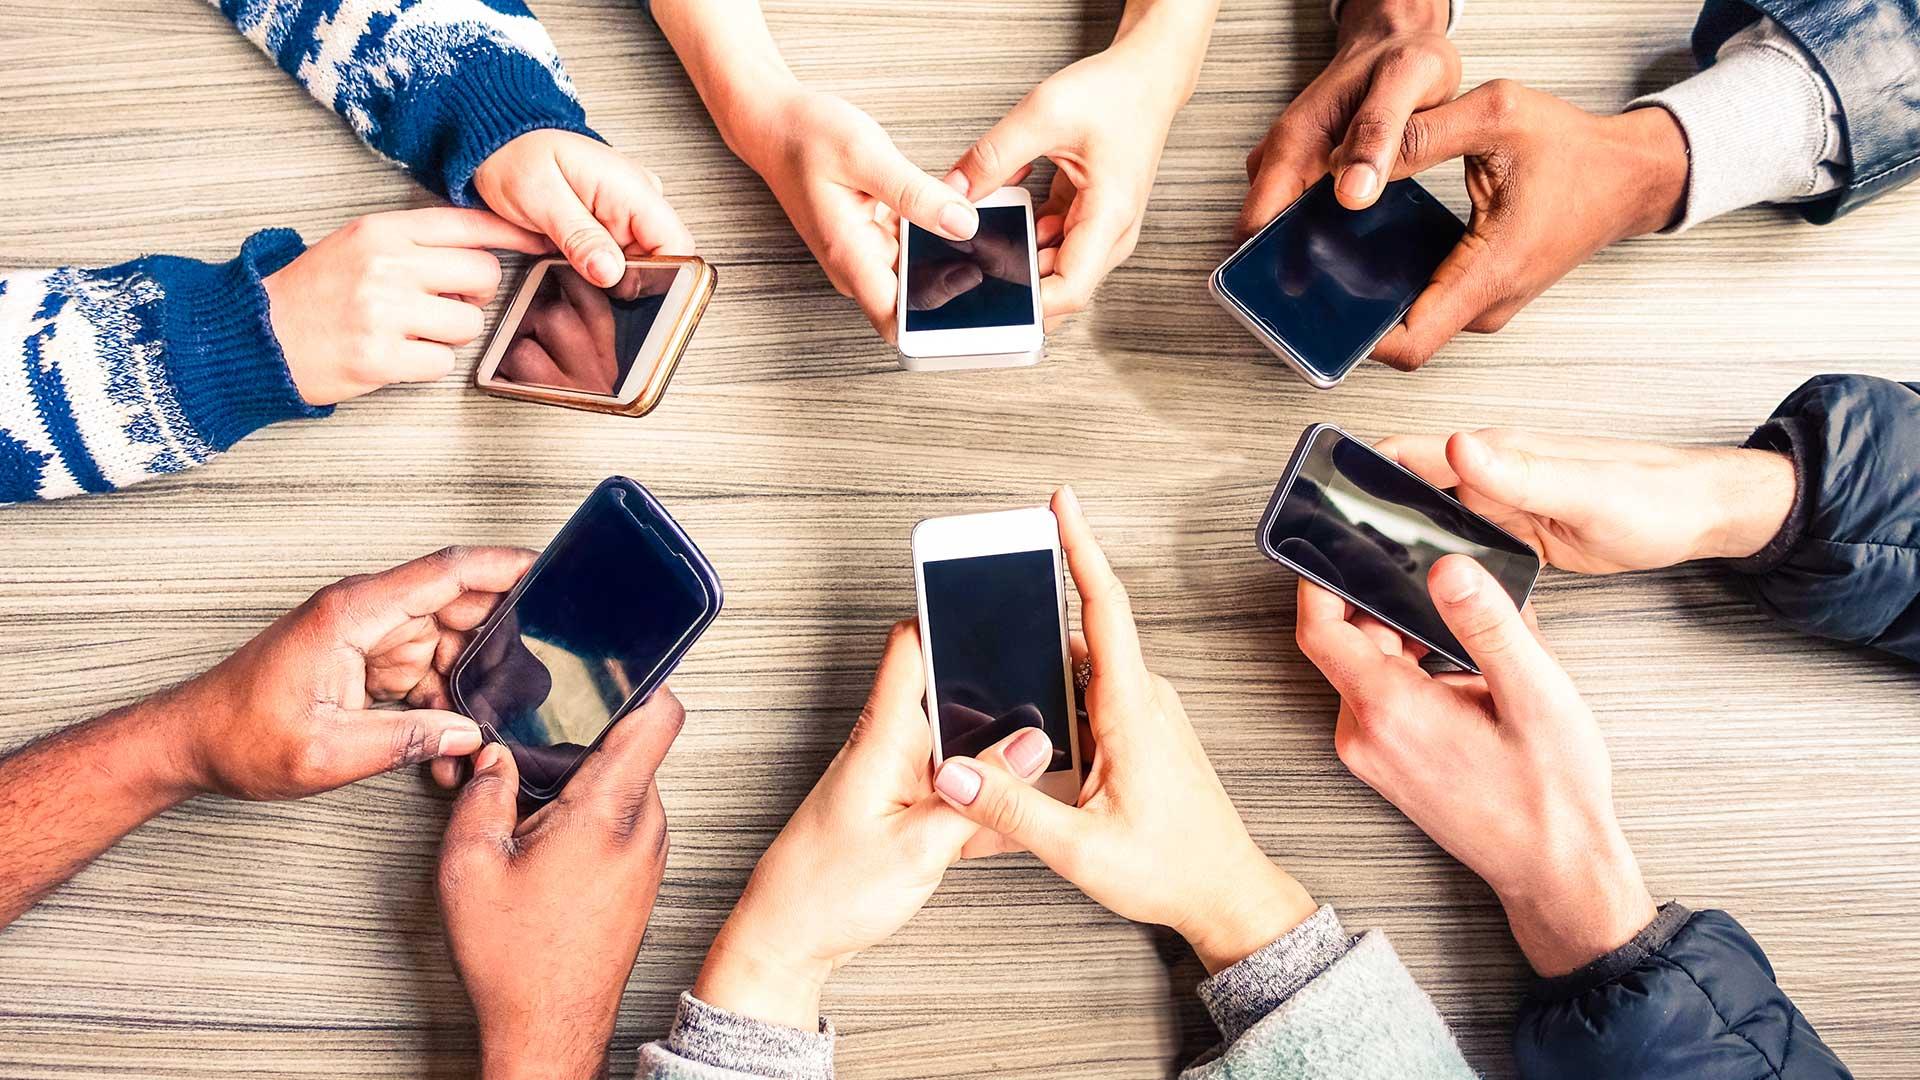 social media relationships